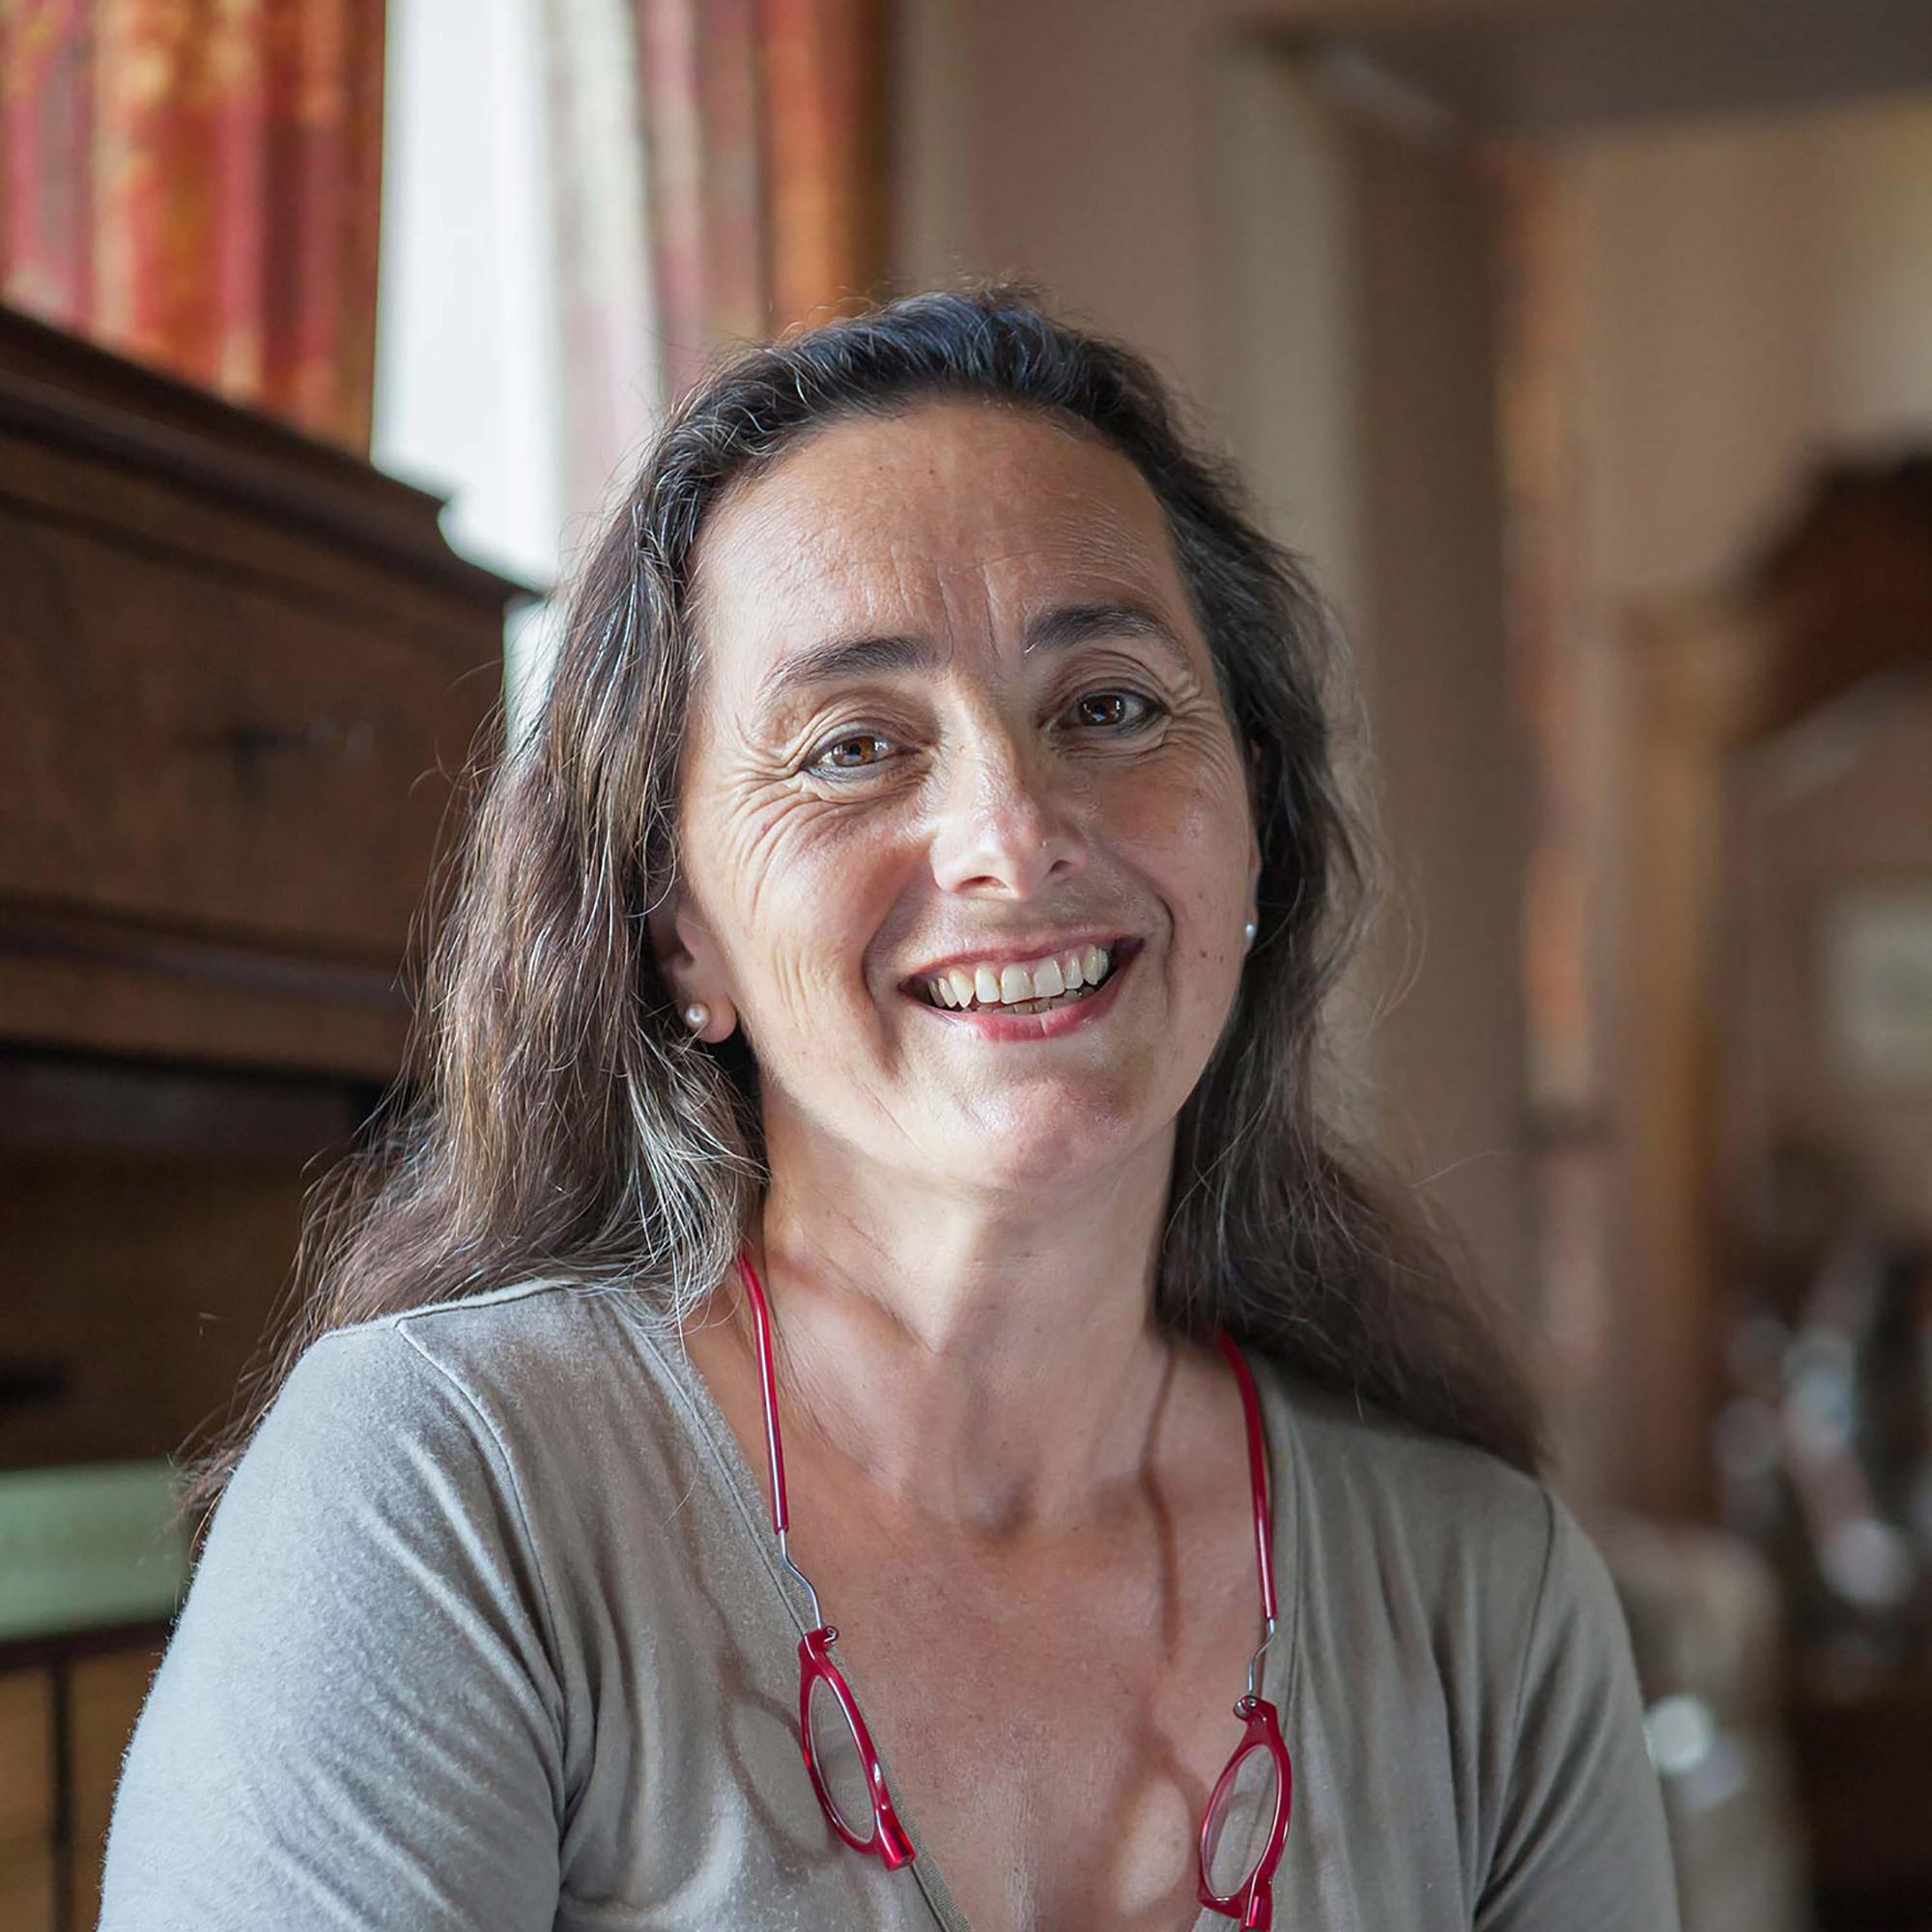 Portrait d'une femme avec lunette rouge détachées au col, t-shirt gris